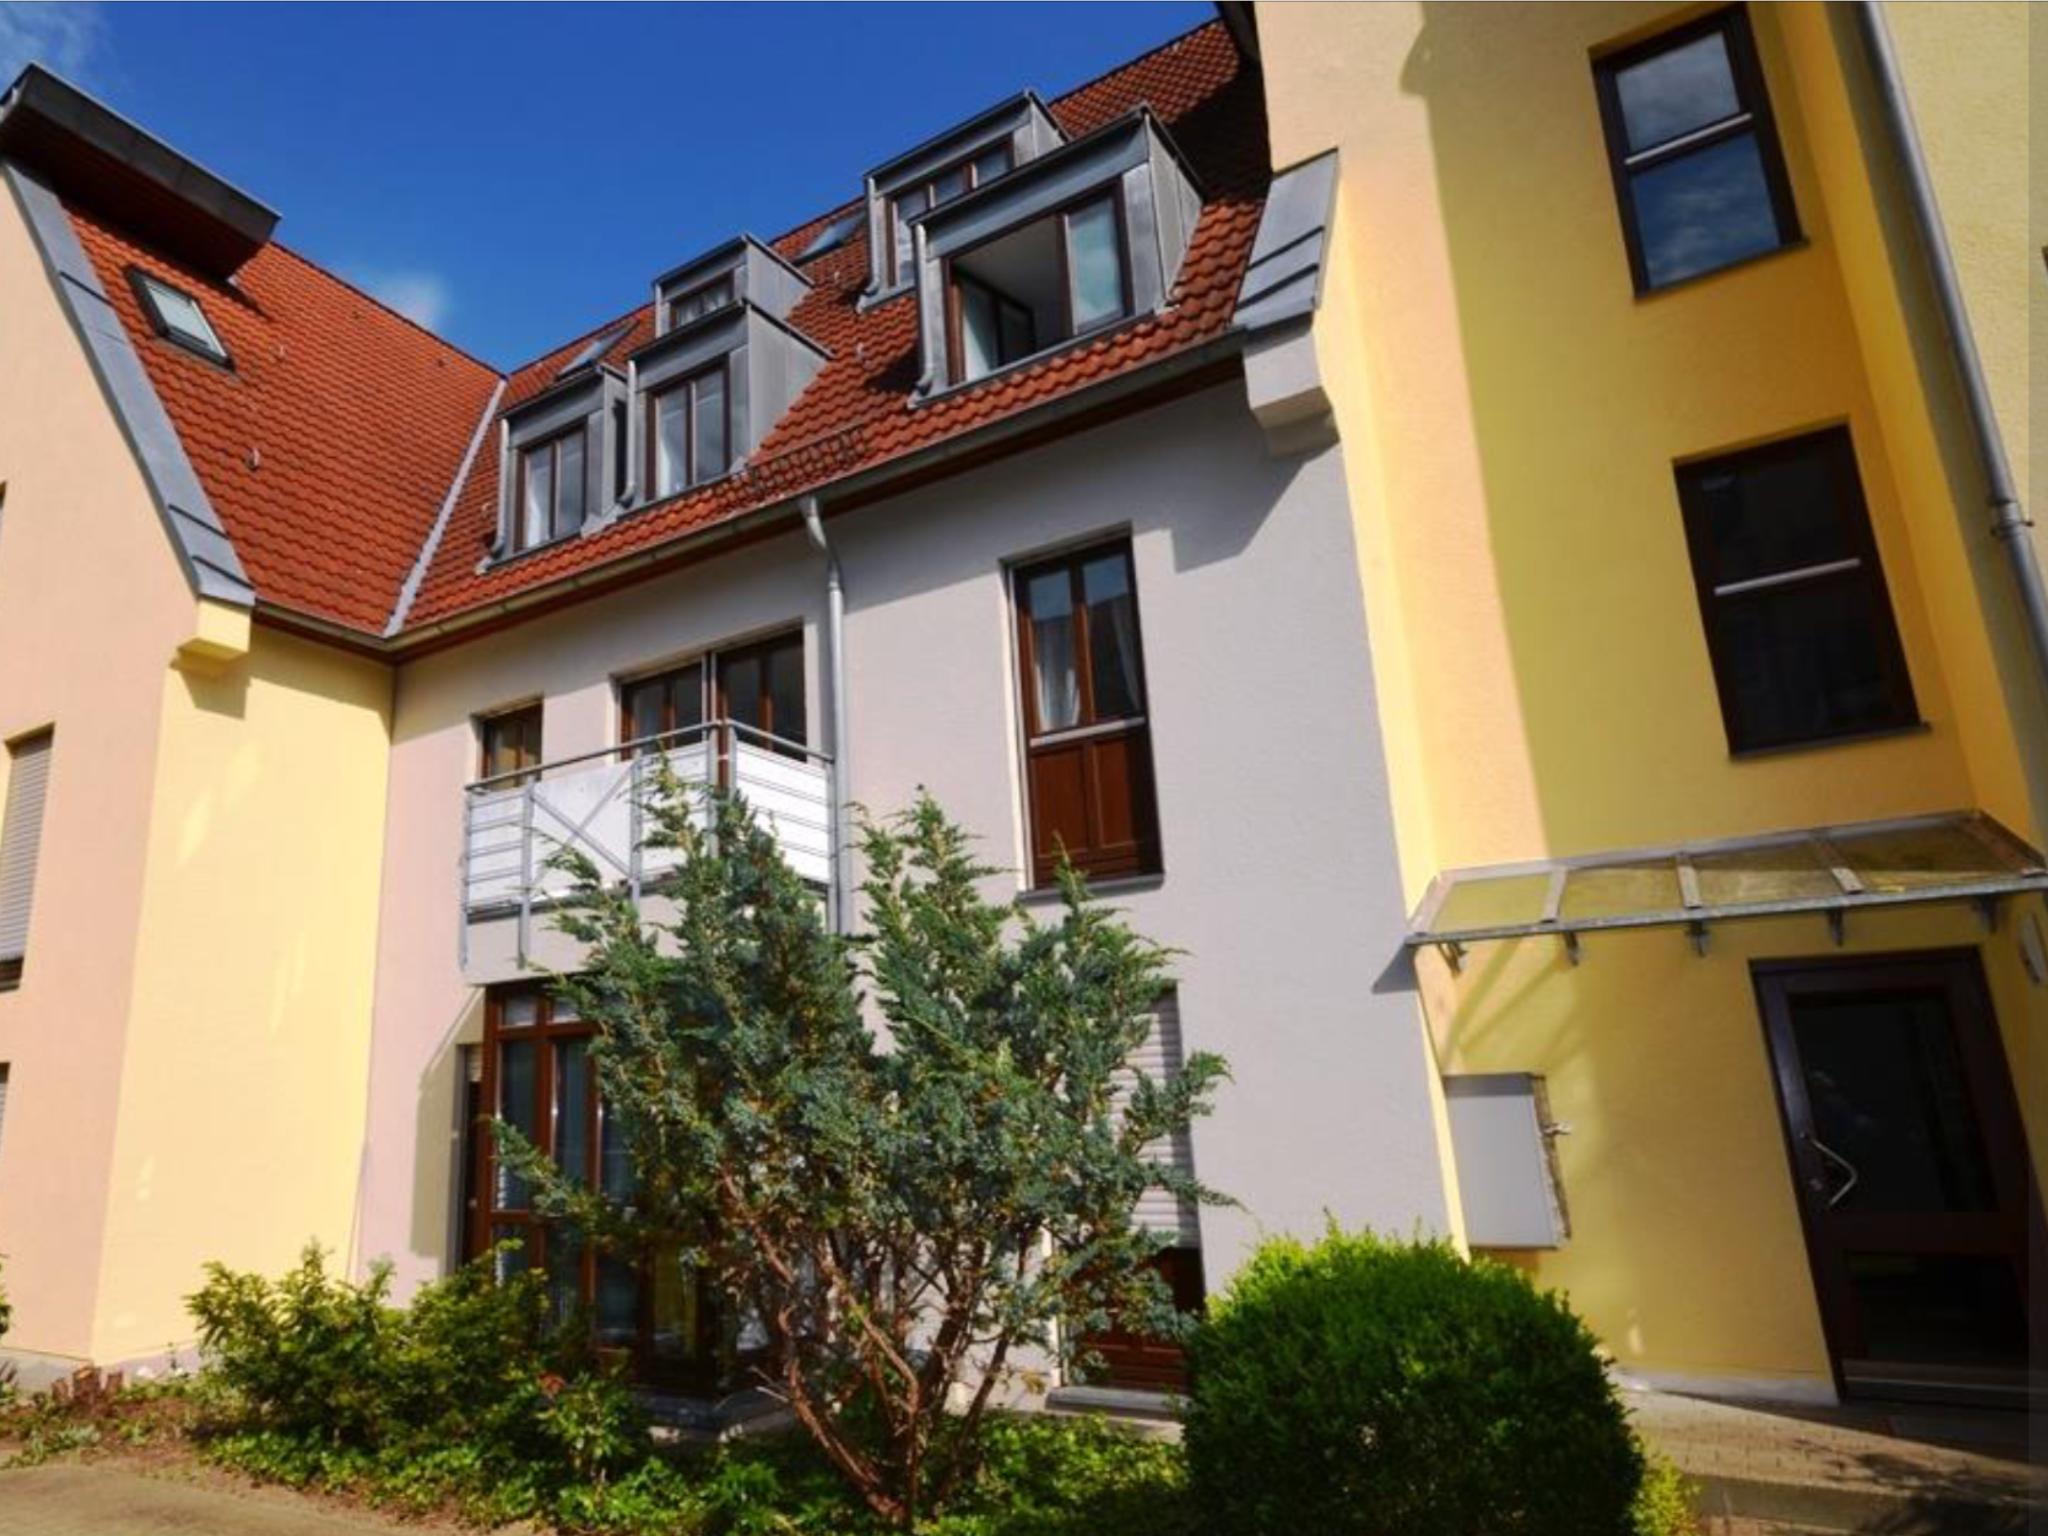 Langfristig zu vermieten: Schöne 2-Zimmer-Wohnung in Stein bei Nürnberg in ruhiger Lage in Stein (Fürth)